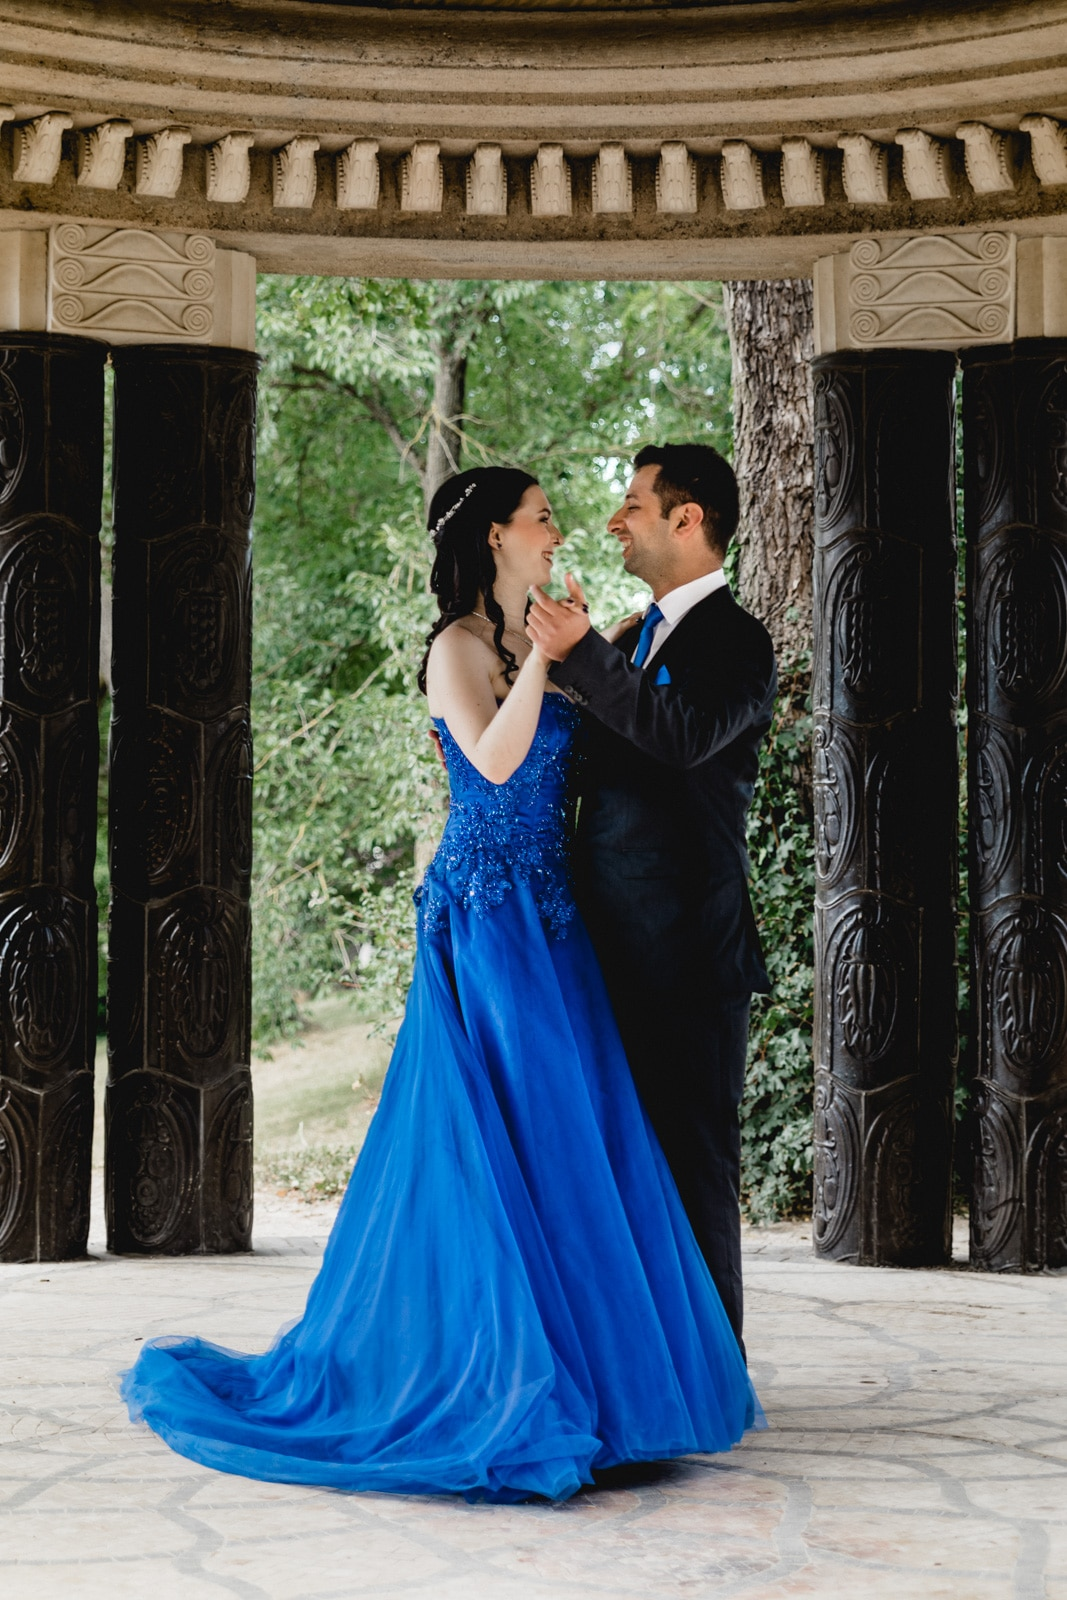 Bräutigam tanzt mit seiner Braut und beide lachen